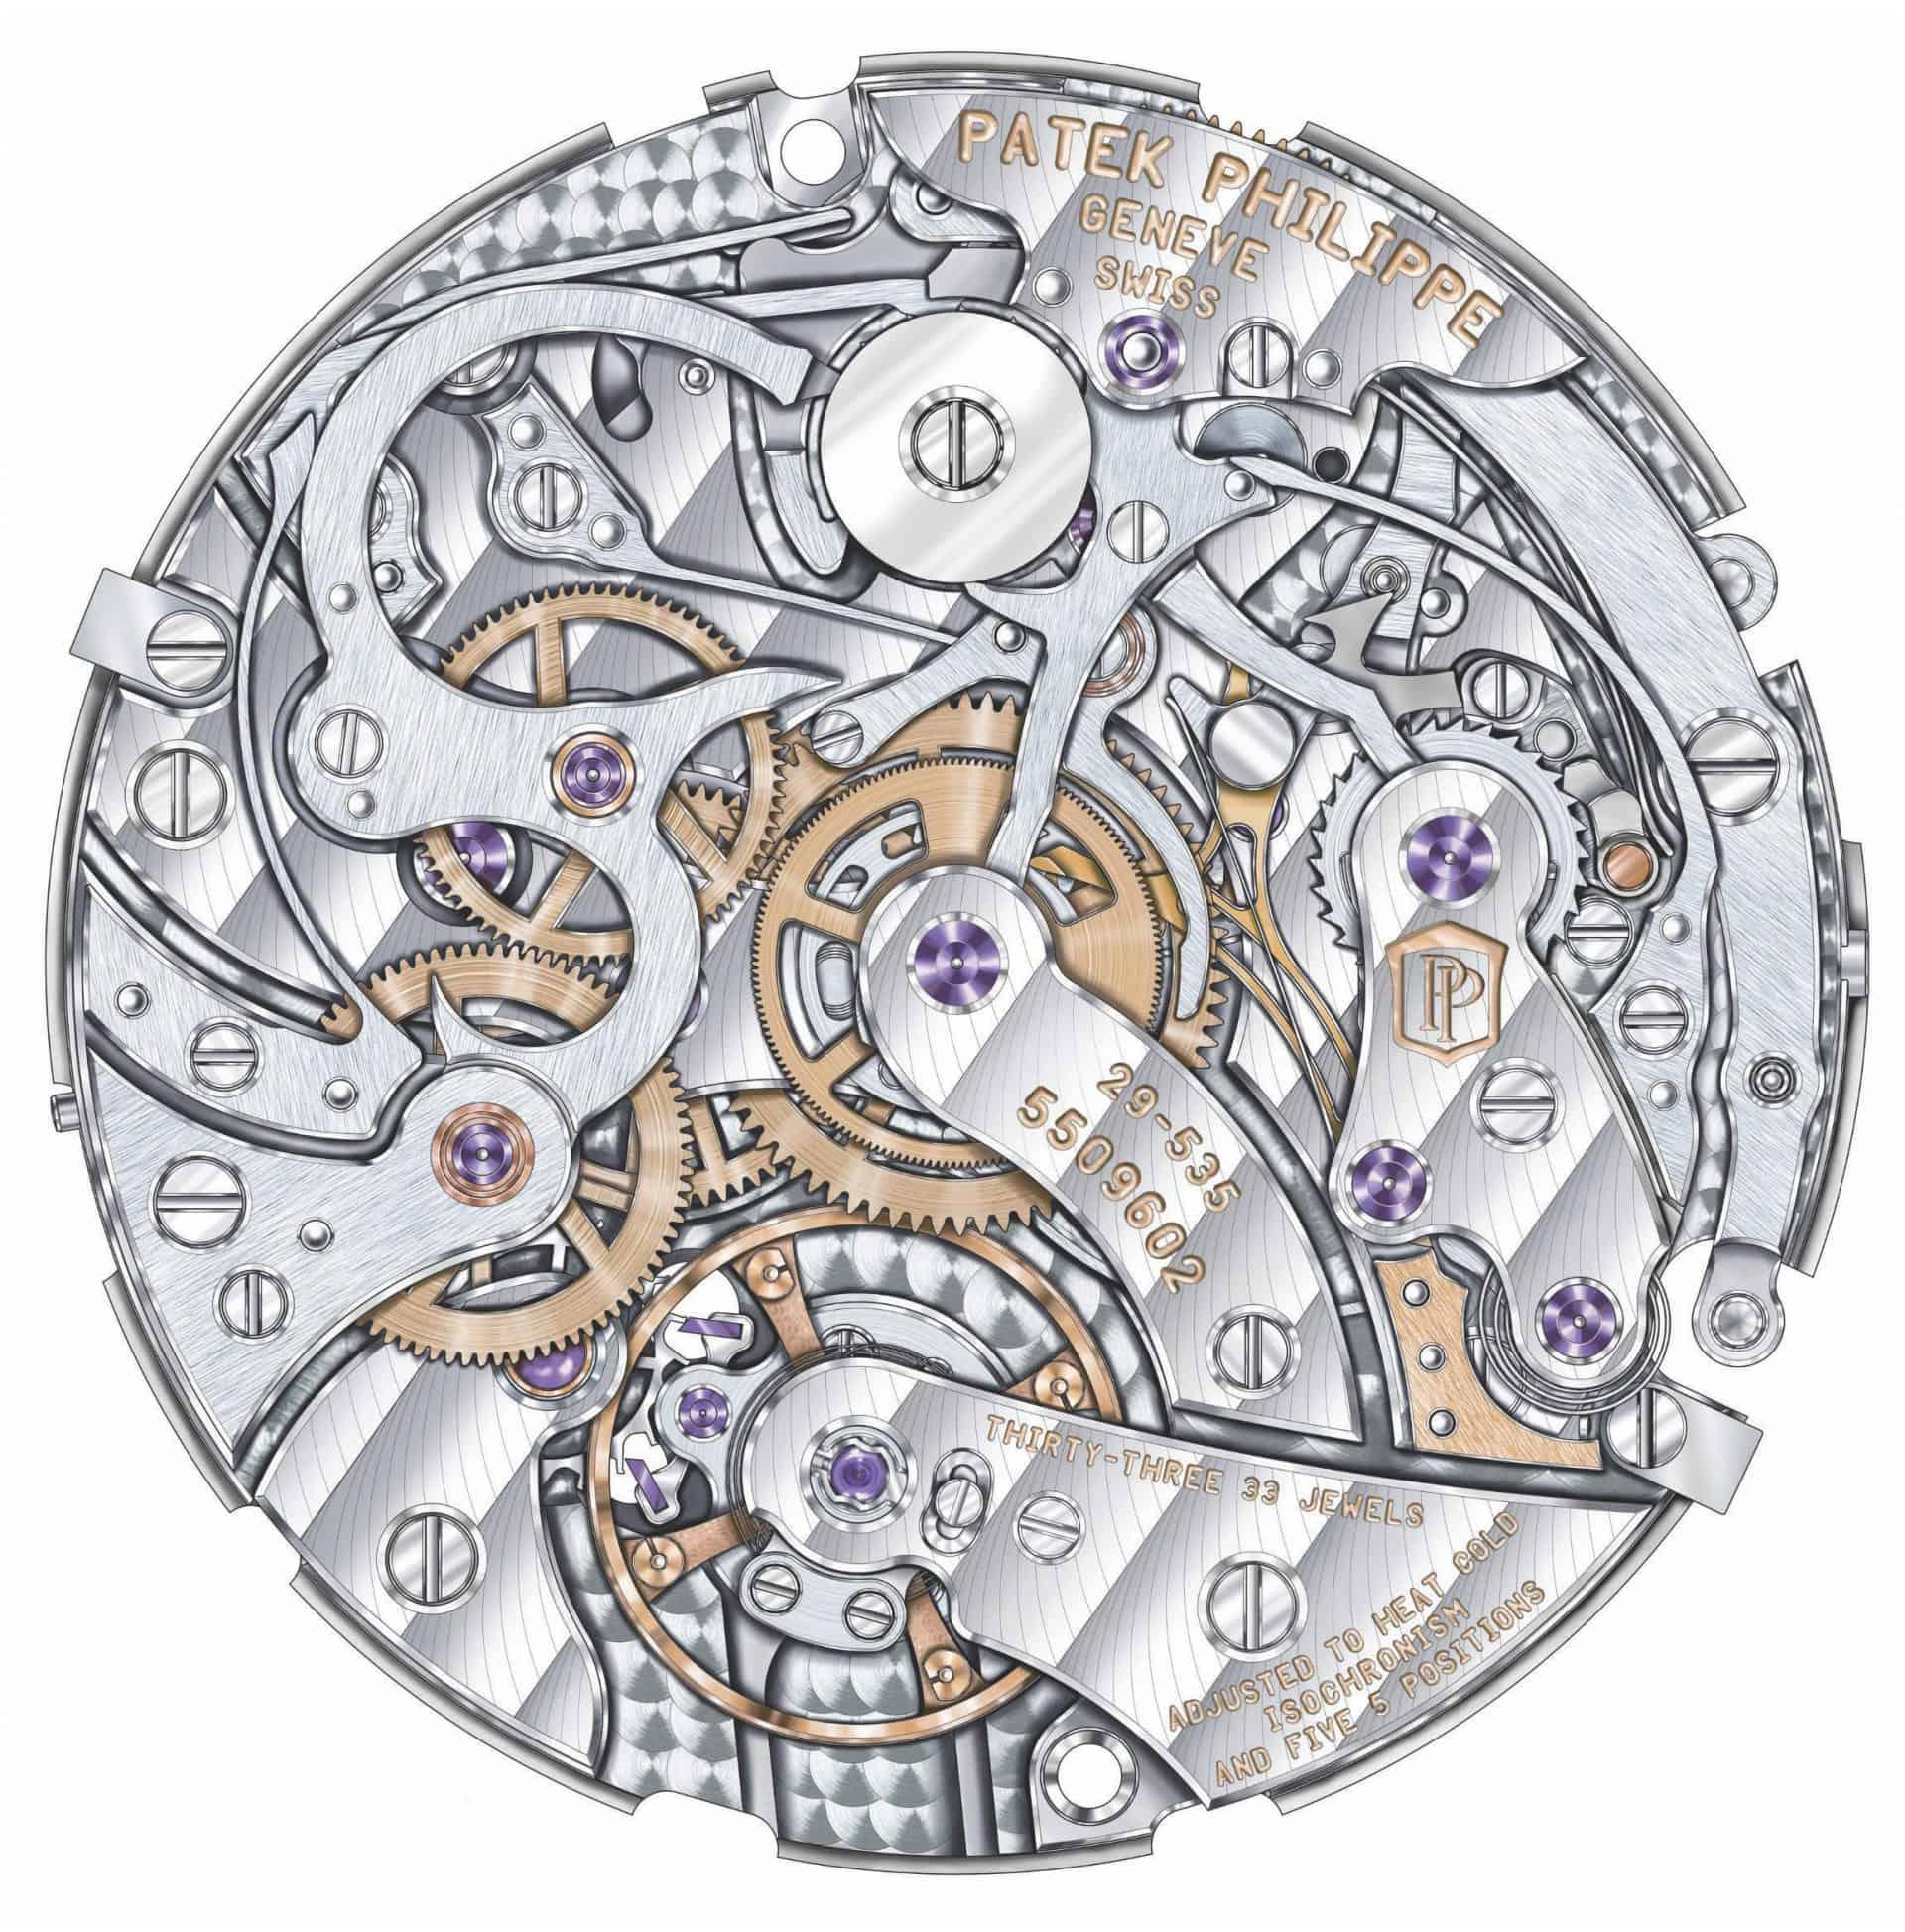 Chronographisches Basiskaliber CH 29-535 PS als Basis für das Rattrapante-Kaliber